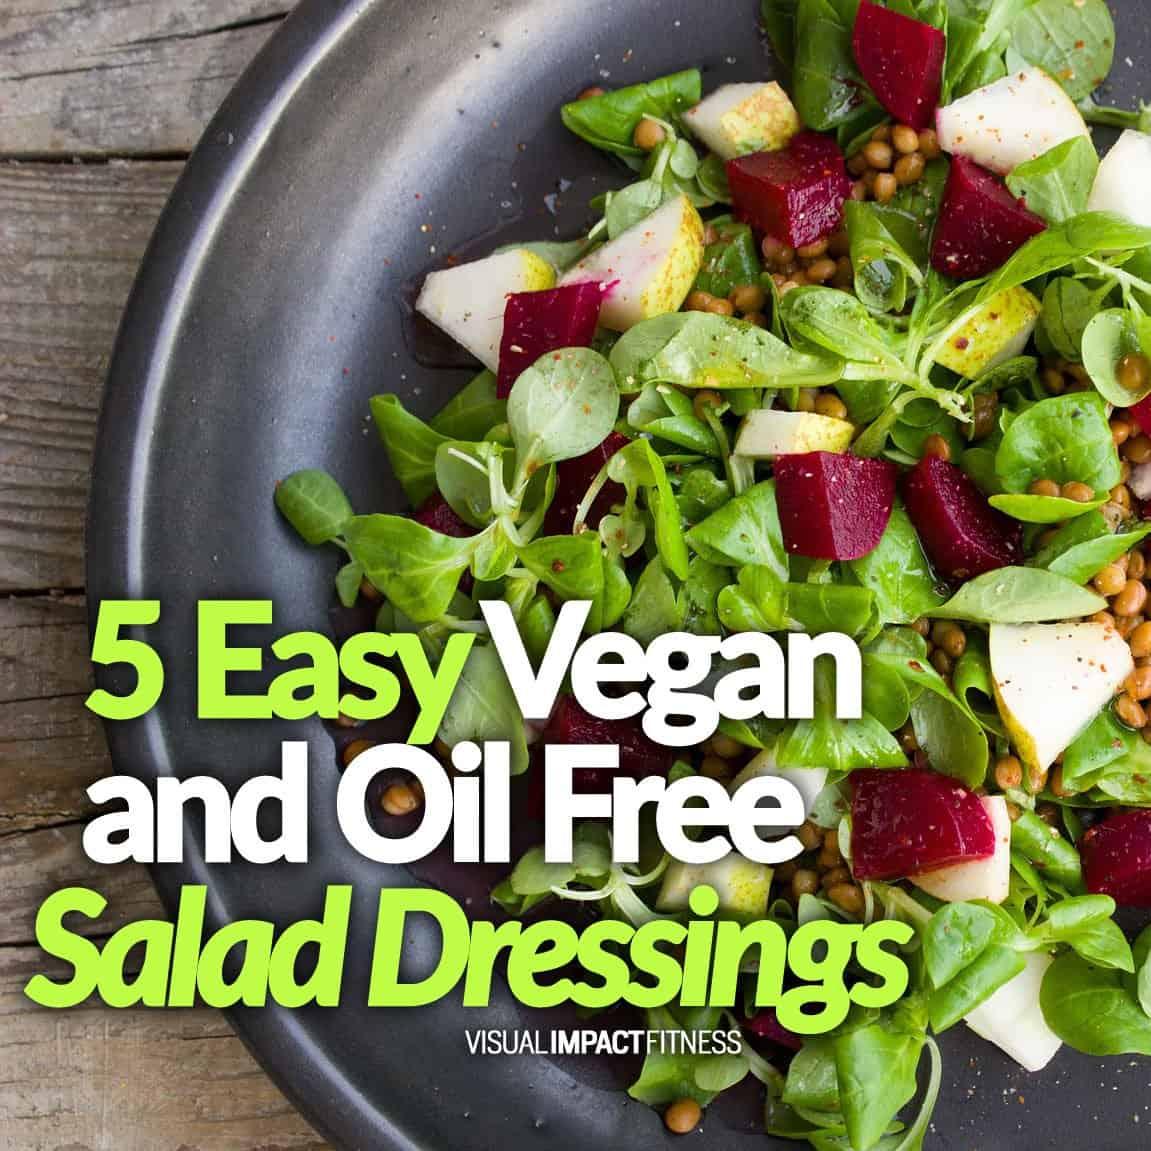 5 Easy Vegan and Oil Free Salad Dressings